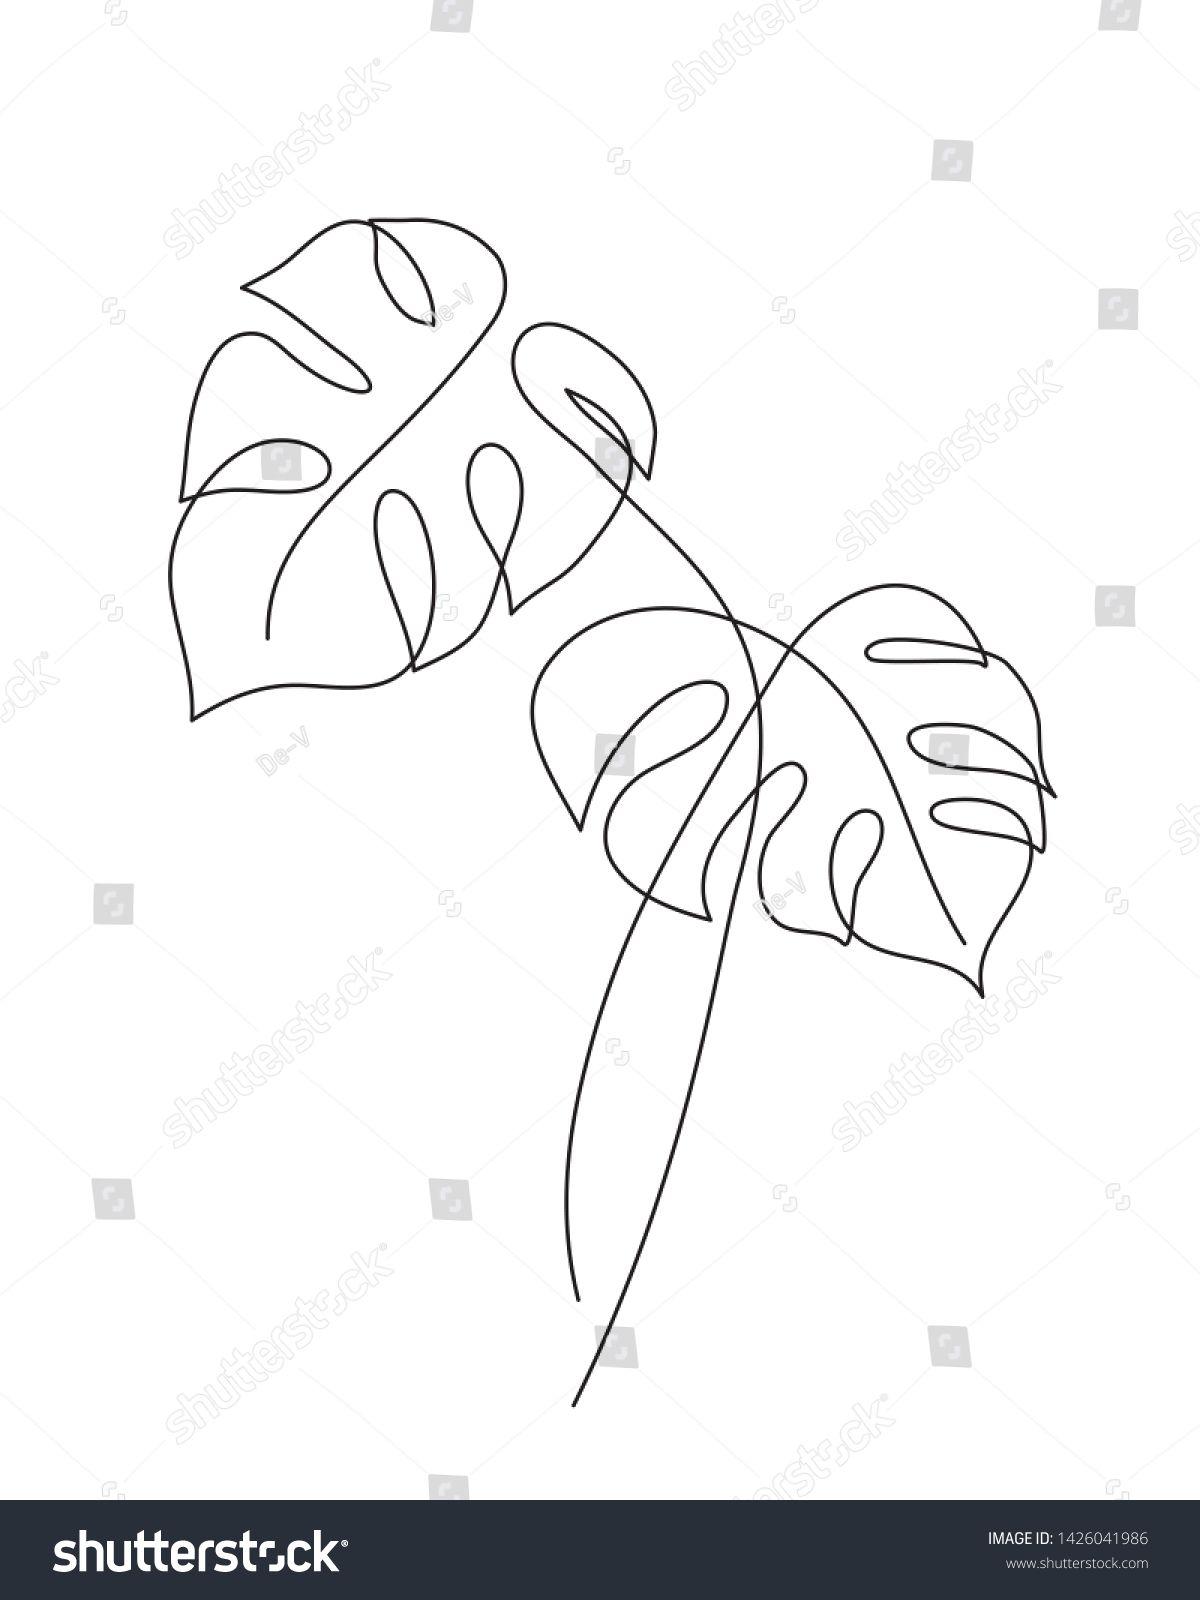 Vetor stock de Monstera Leaf Line Art Continuous Line (livre de direitos) 1426041986